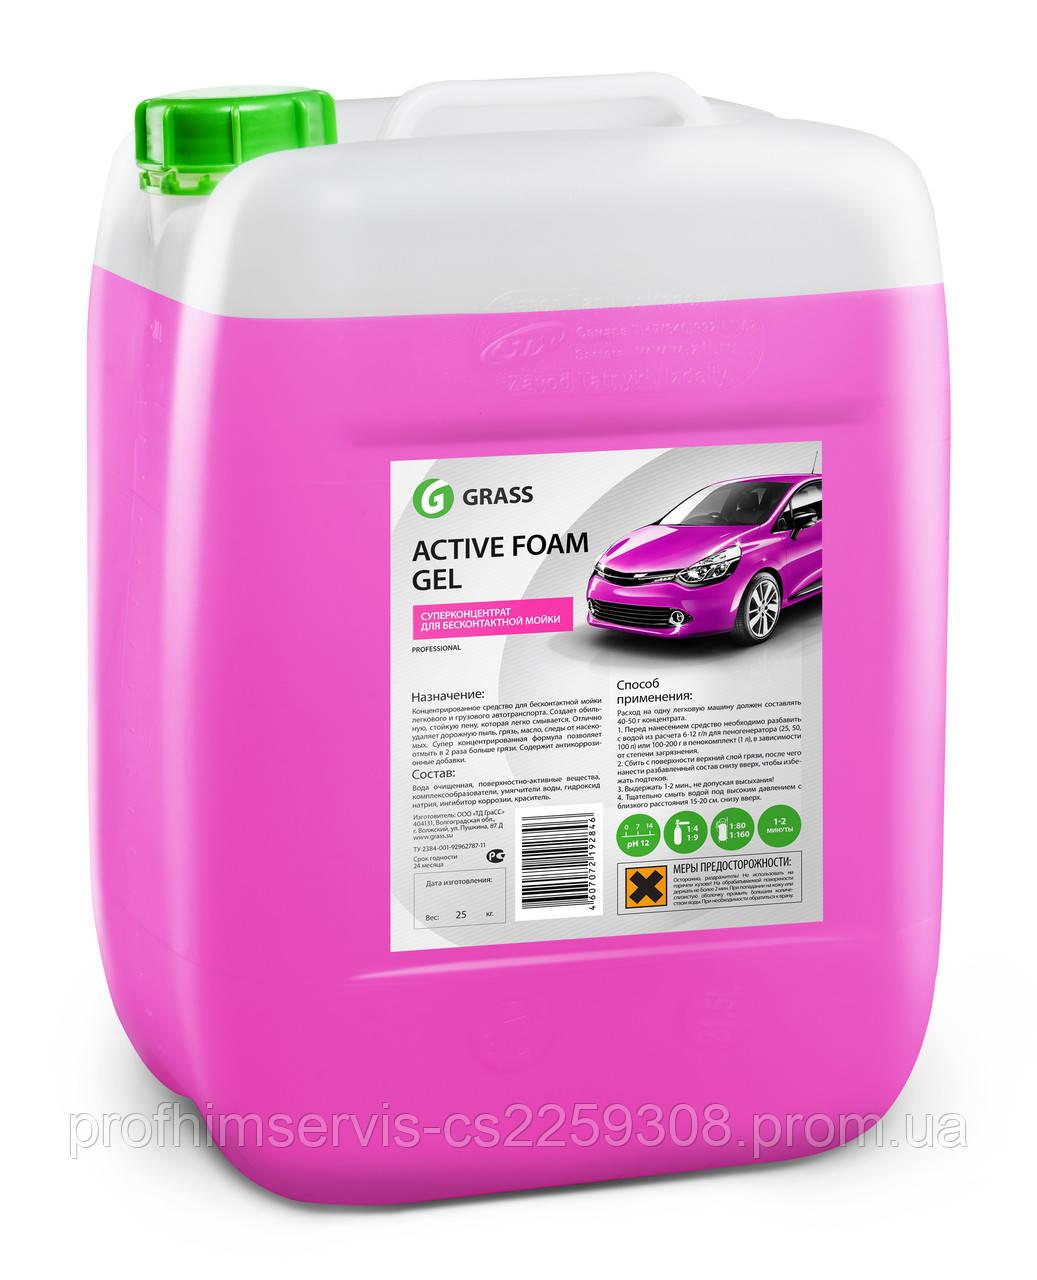 GRASS Авто шампунь для бесконтактной мойки авто Active Foam Gel 24 kg.